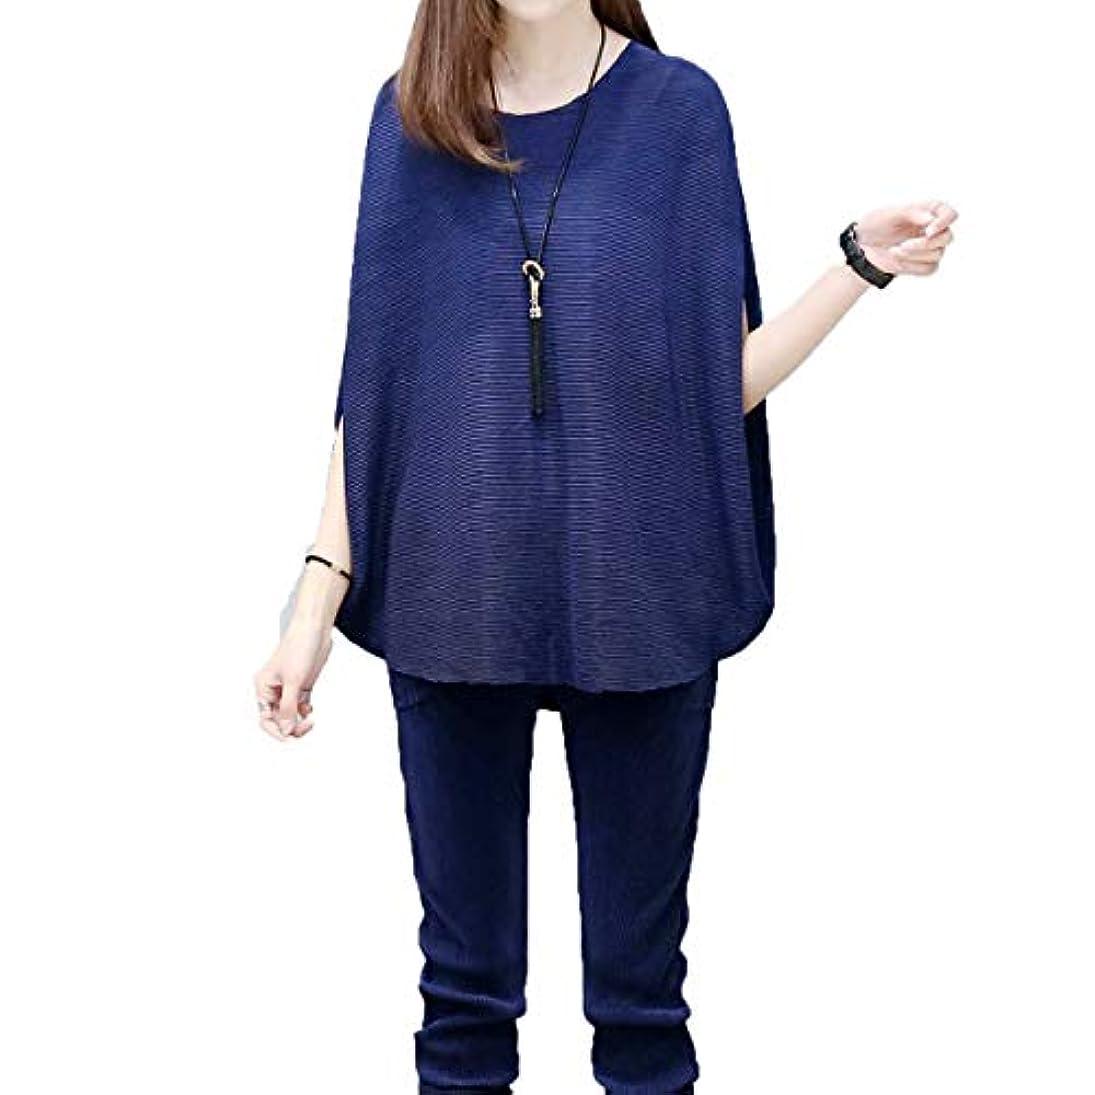 盲信避難シロクマ[ココチエ] レディース トップス Tシャツ 二の腕 カバー 半袖 ノースリーブ プルオーバー ゆったり 大人体型 体型カバー おおきいサイズ おしゃれ 黒 ネイビー